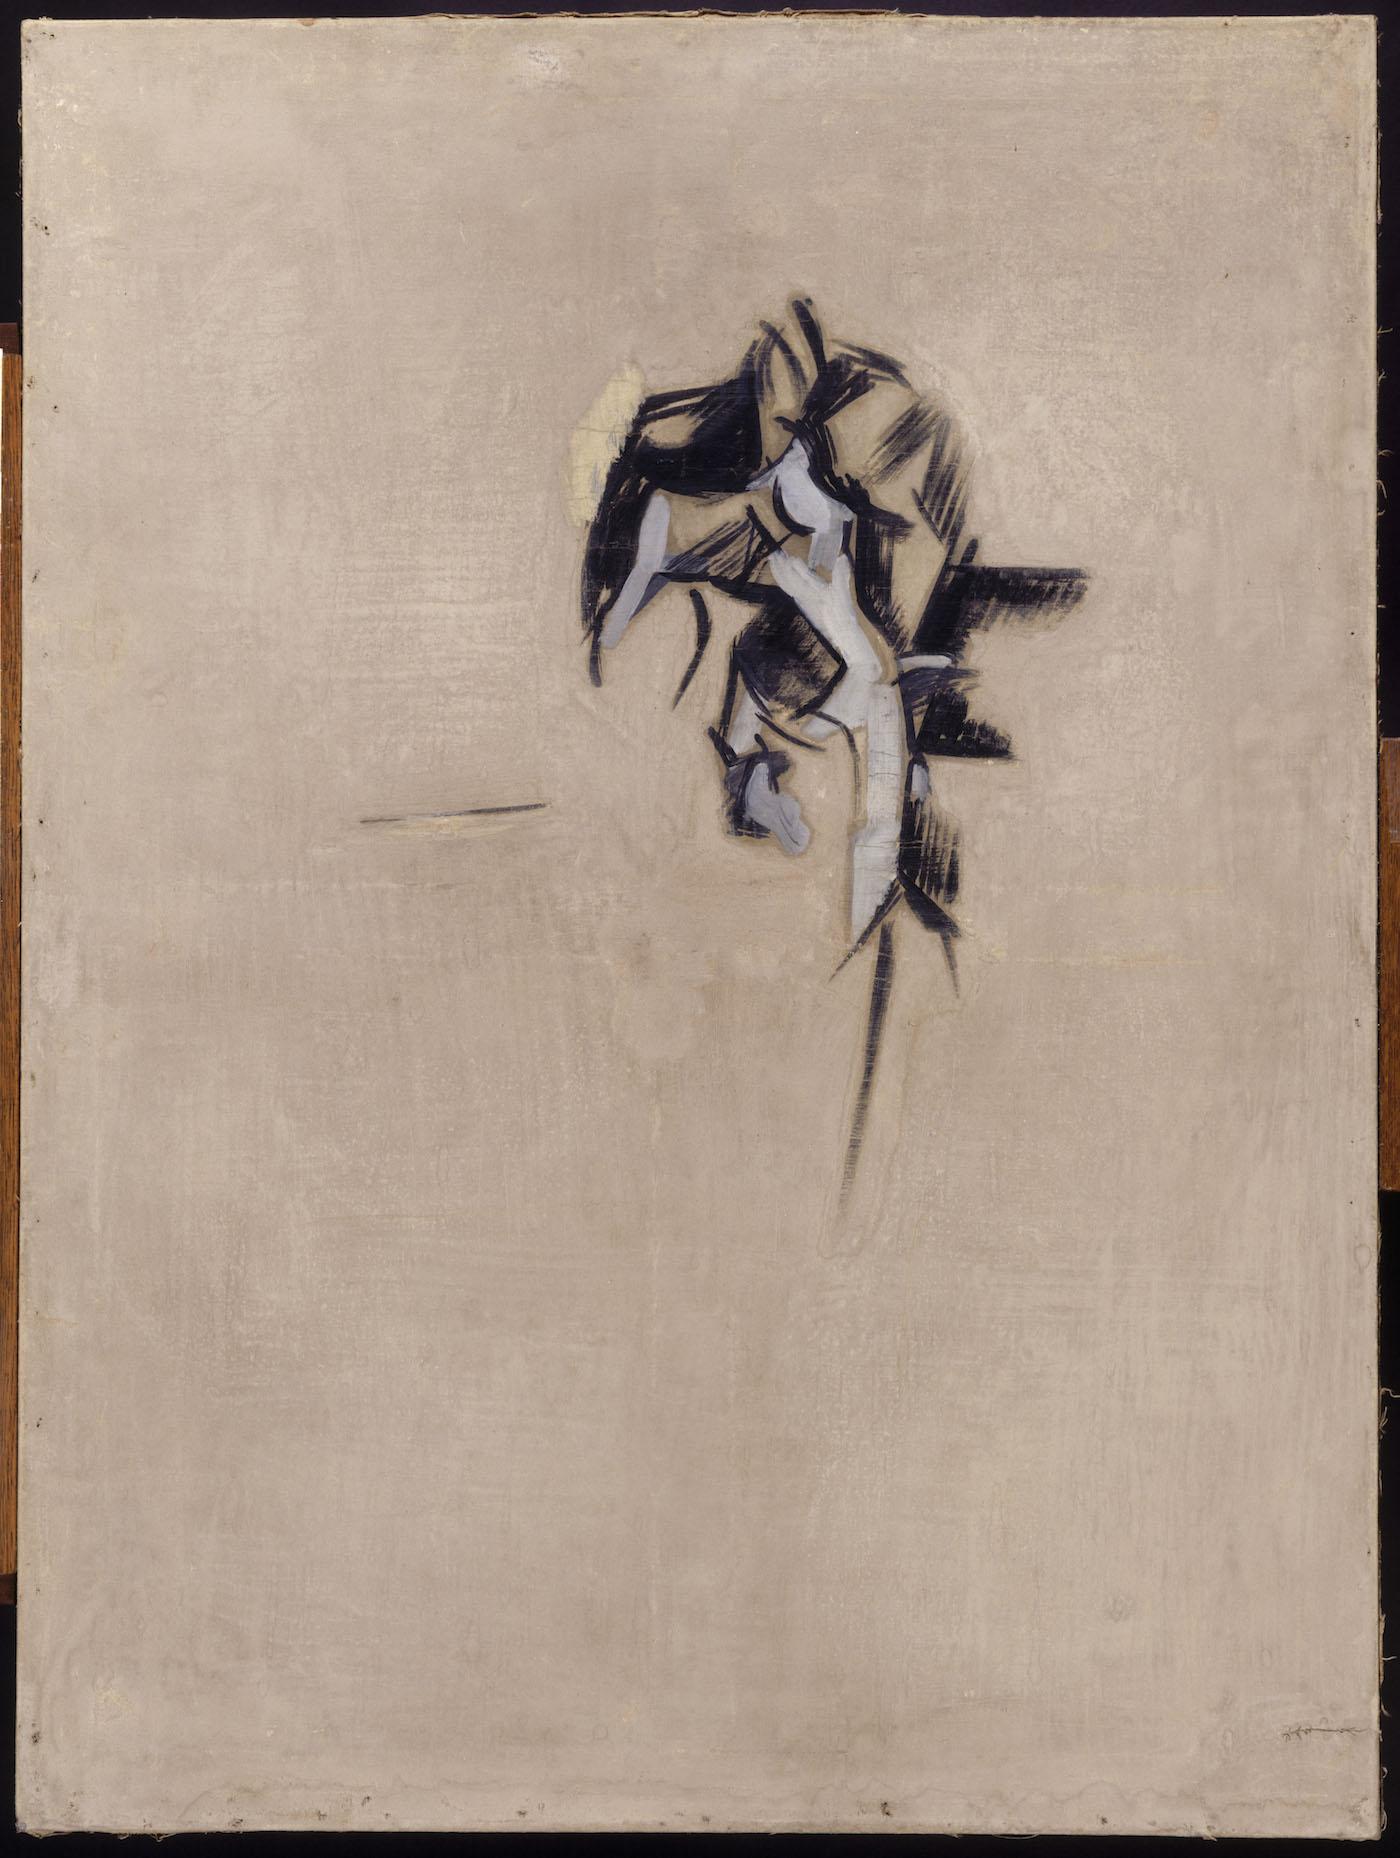 """Robert Delaunay, """"Portrait de Guillaume Apollinaire"""" (ca 1911–12), gouache and paint on canvas, Paris, Musée National d'Art Moderne—Centre Georges Pompidou (© Centre Pompidou, MNAM-CCI, Dist. RMN-Grand Palais / Georges Meguerditchian)"""